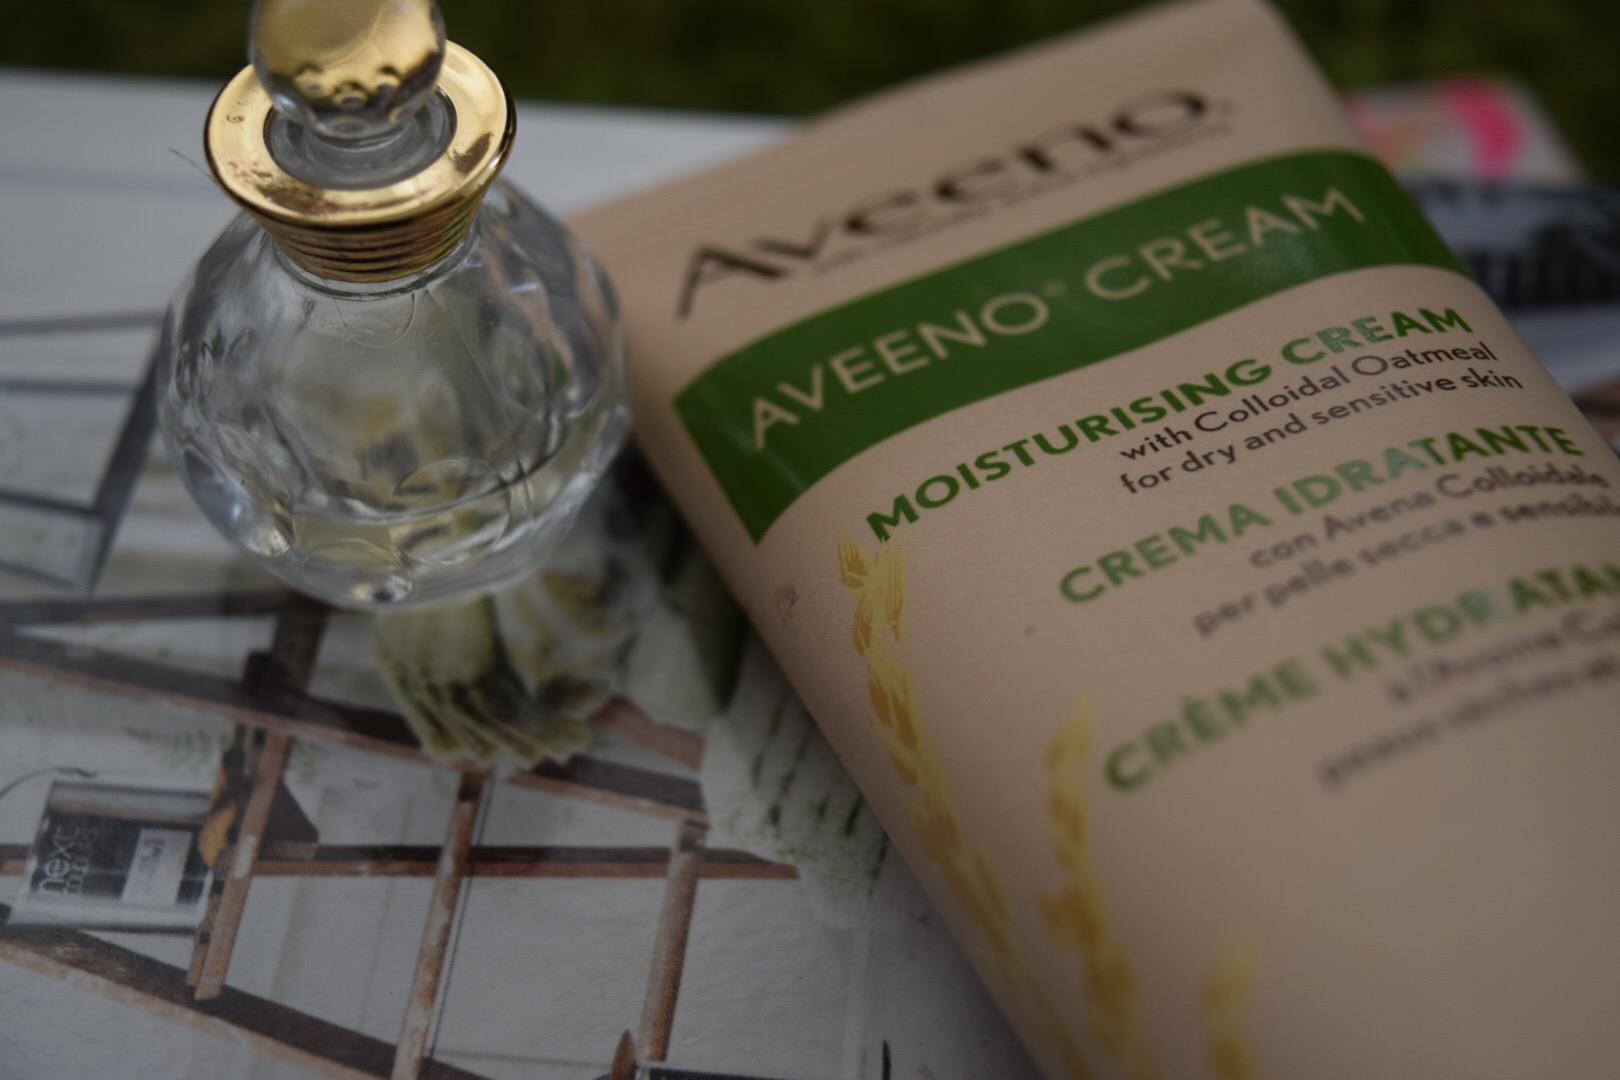 Aveeno Moisturising Cream Review